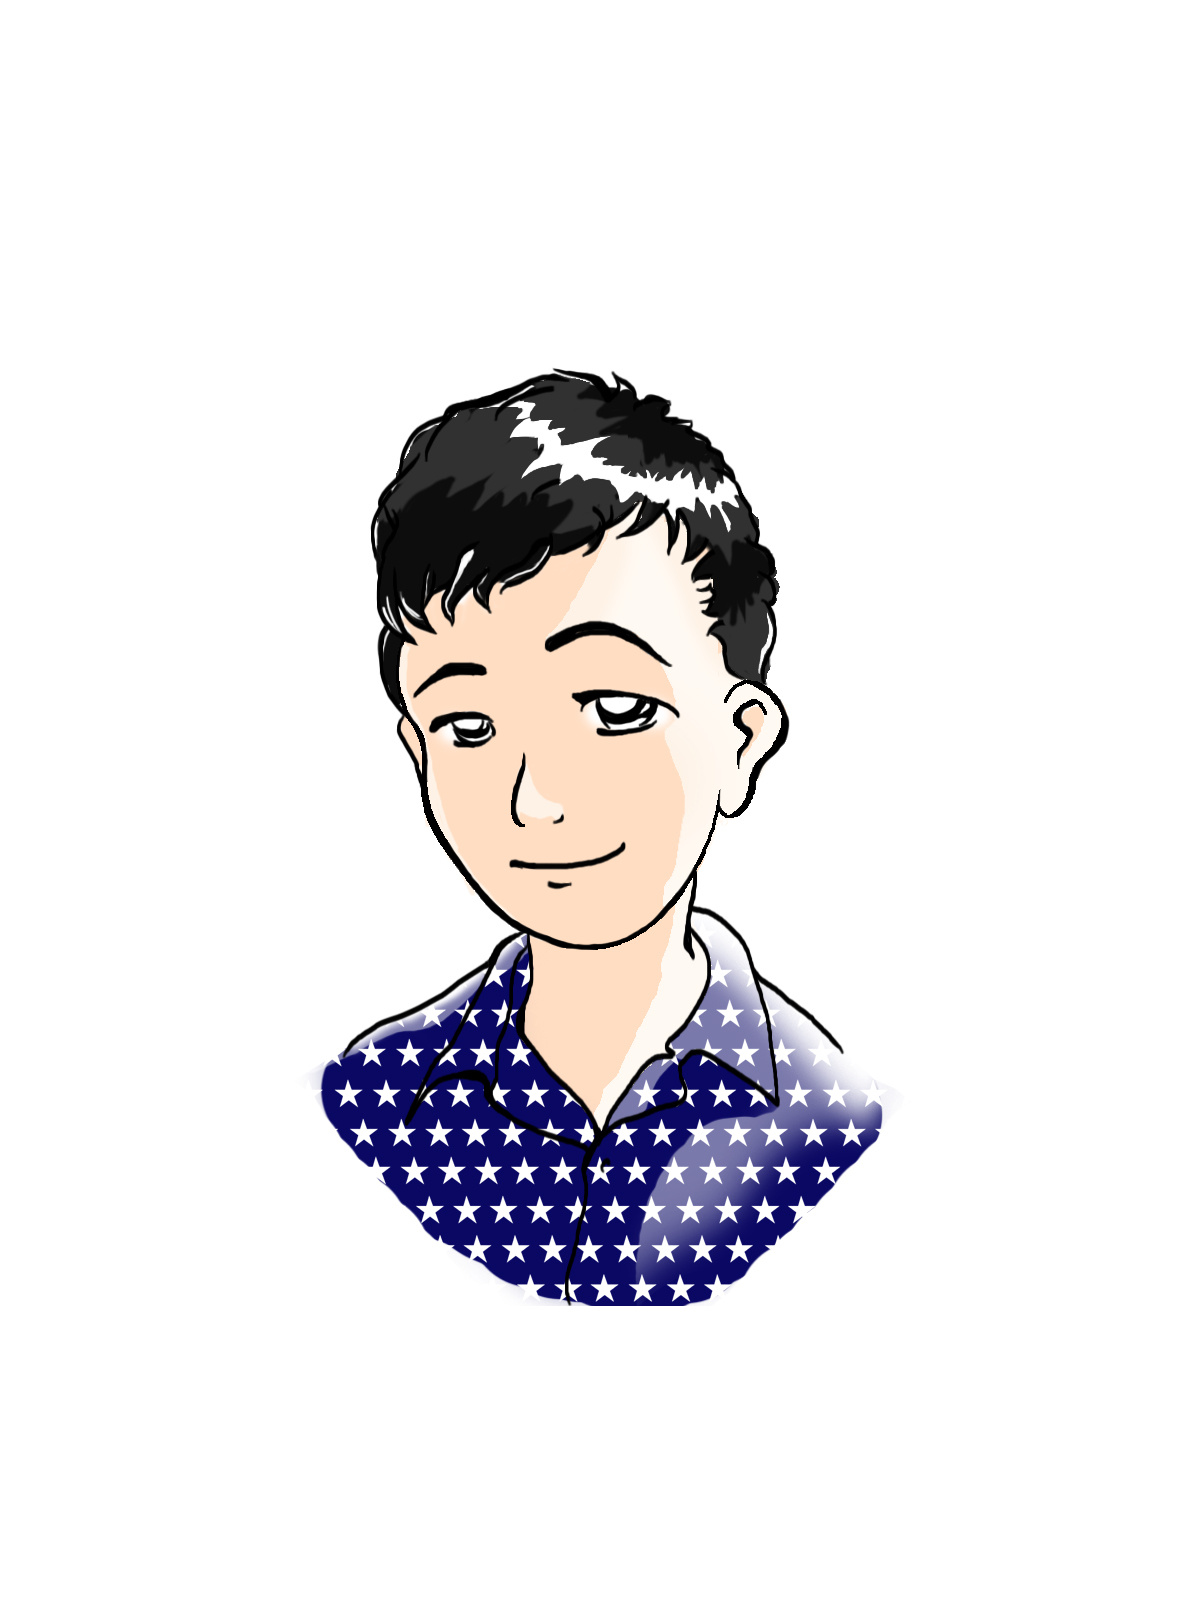 卡通自画像(微笑男孩boy)